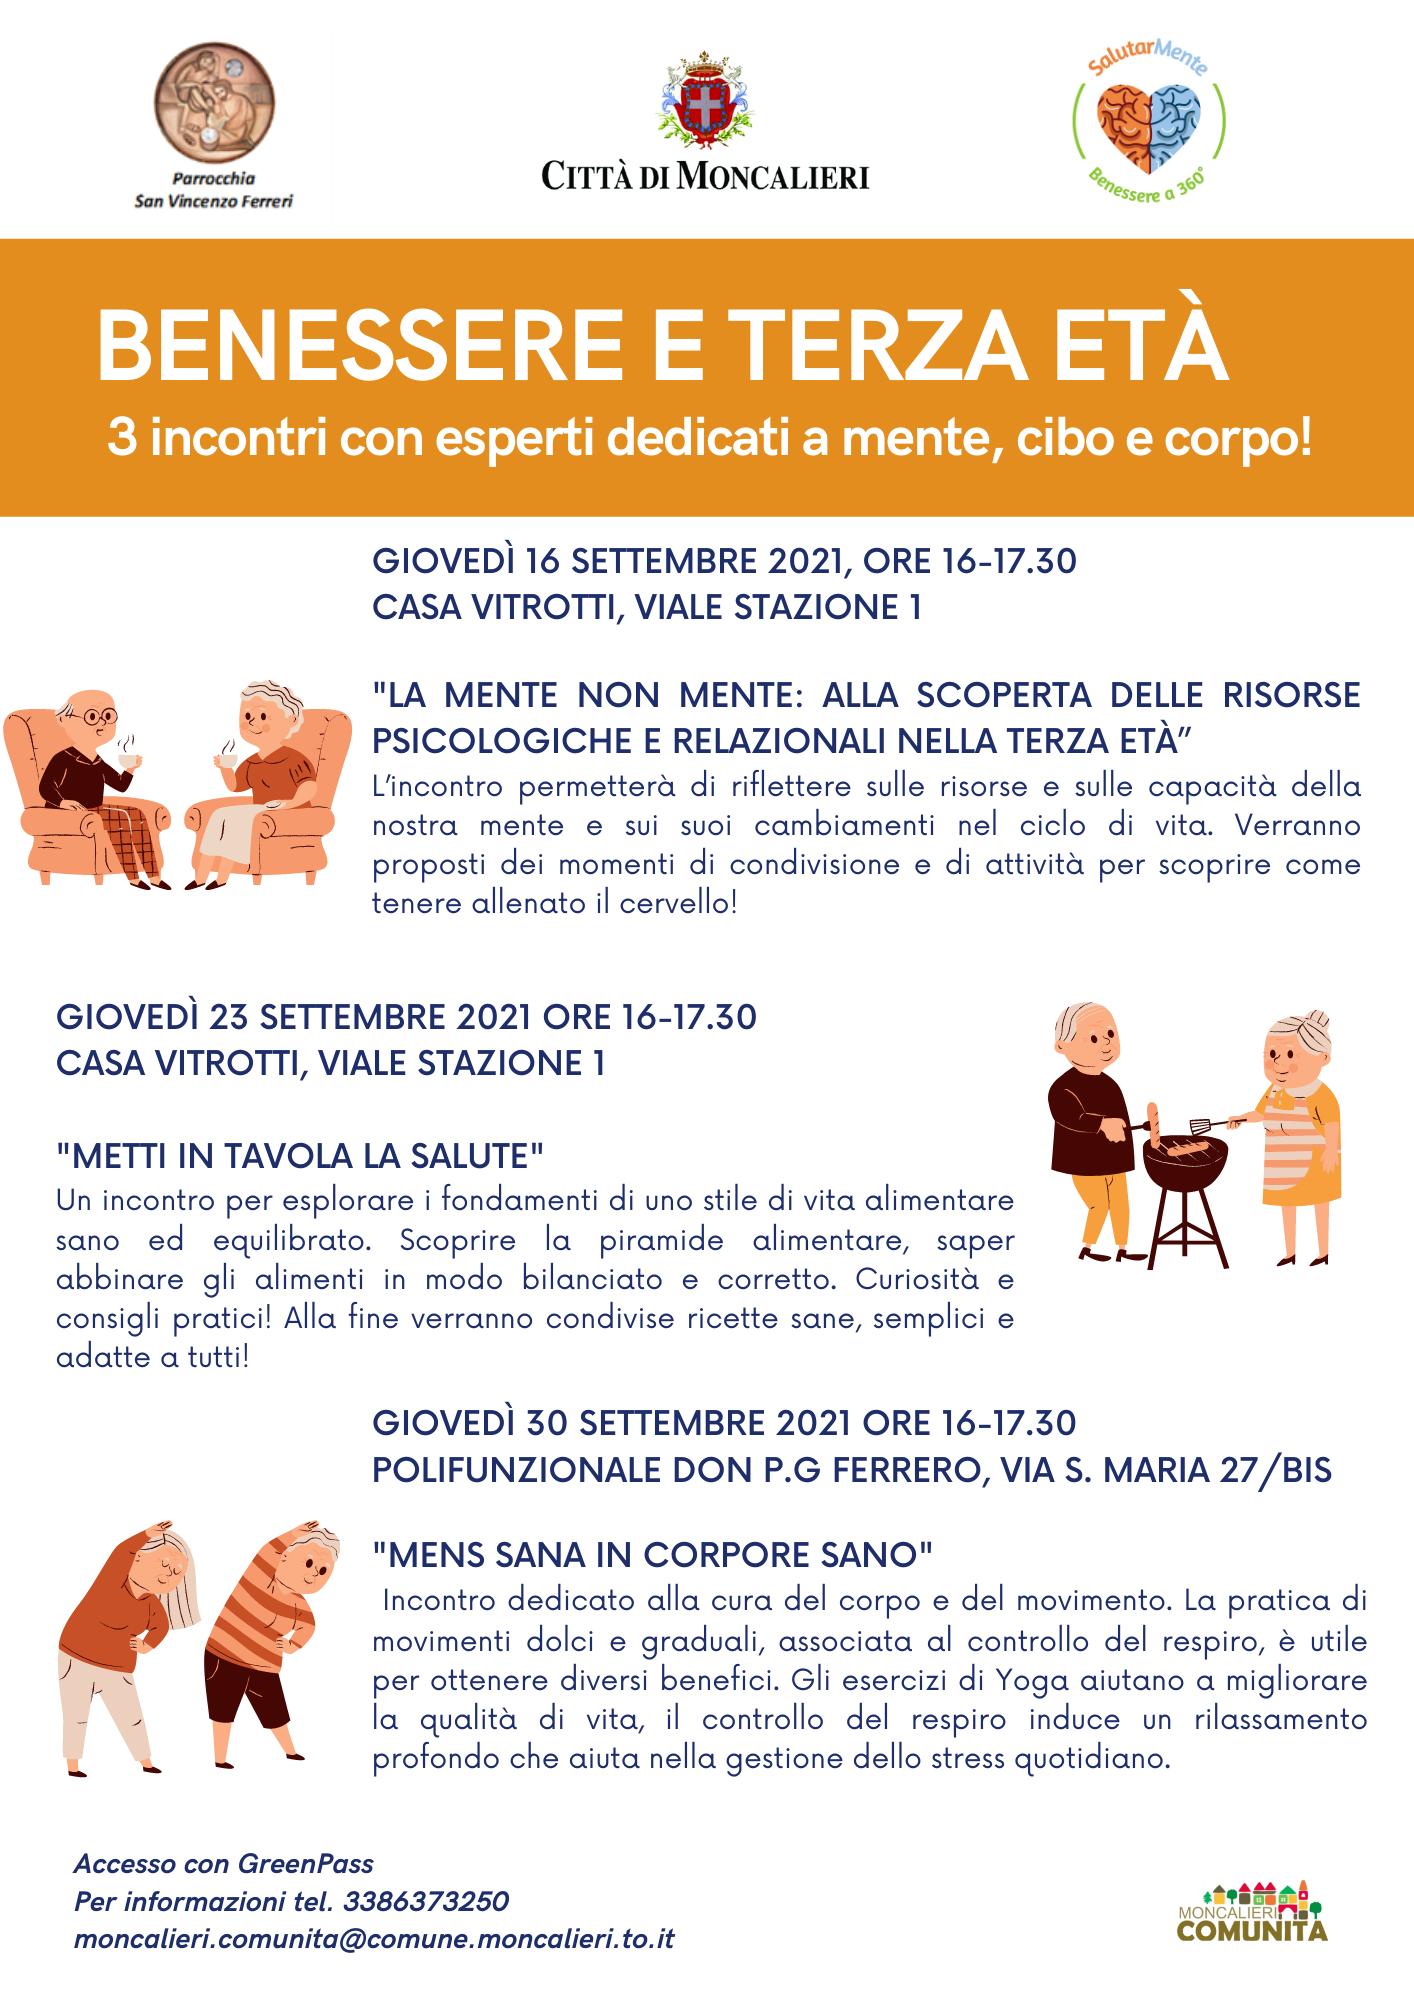 BENESSERE E TERZA ETÀ - Giovedì 16 settembre